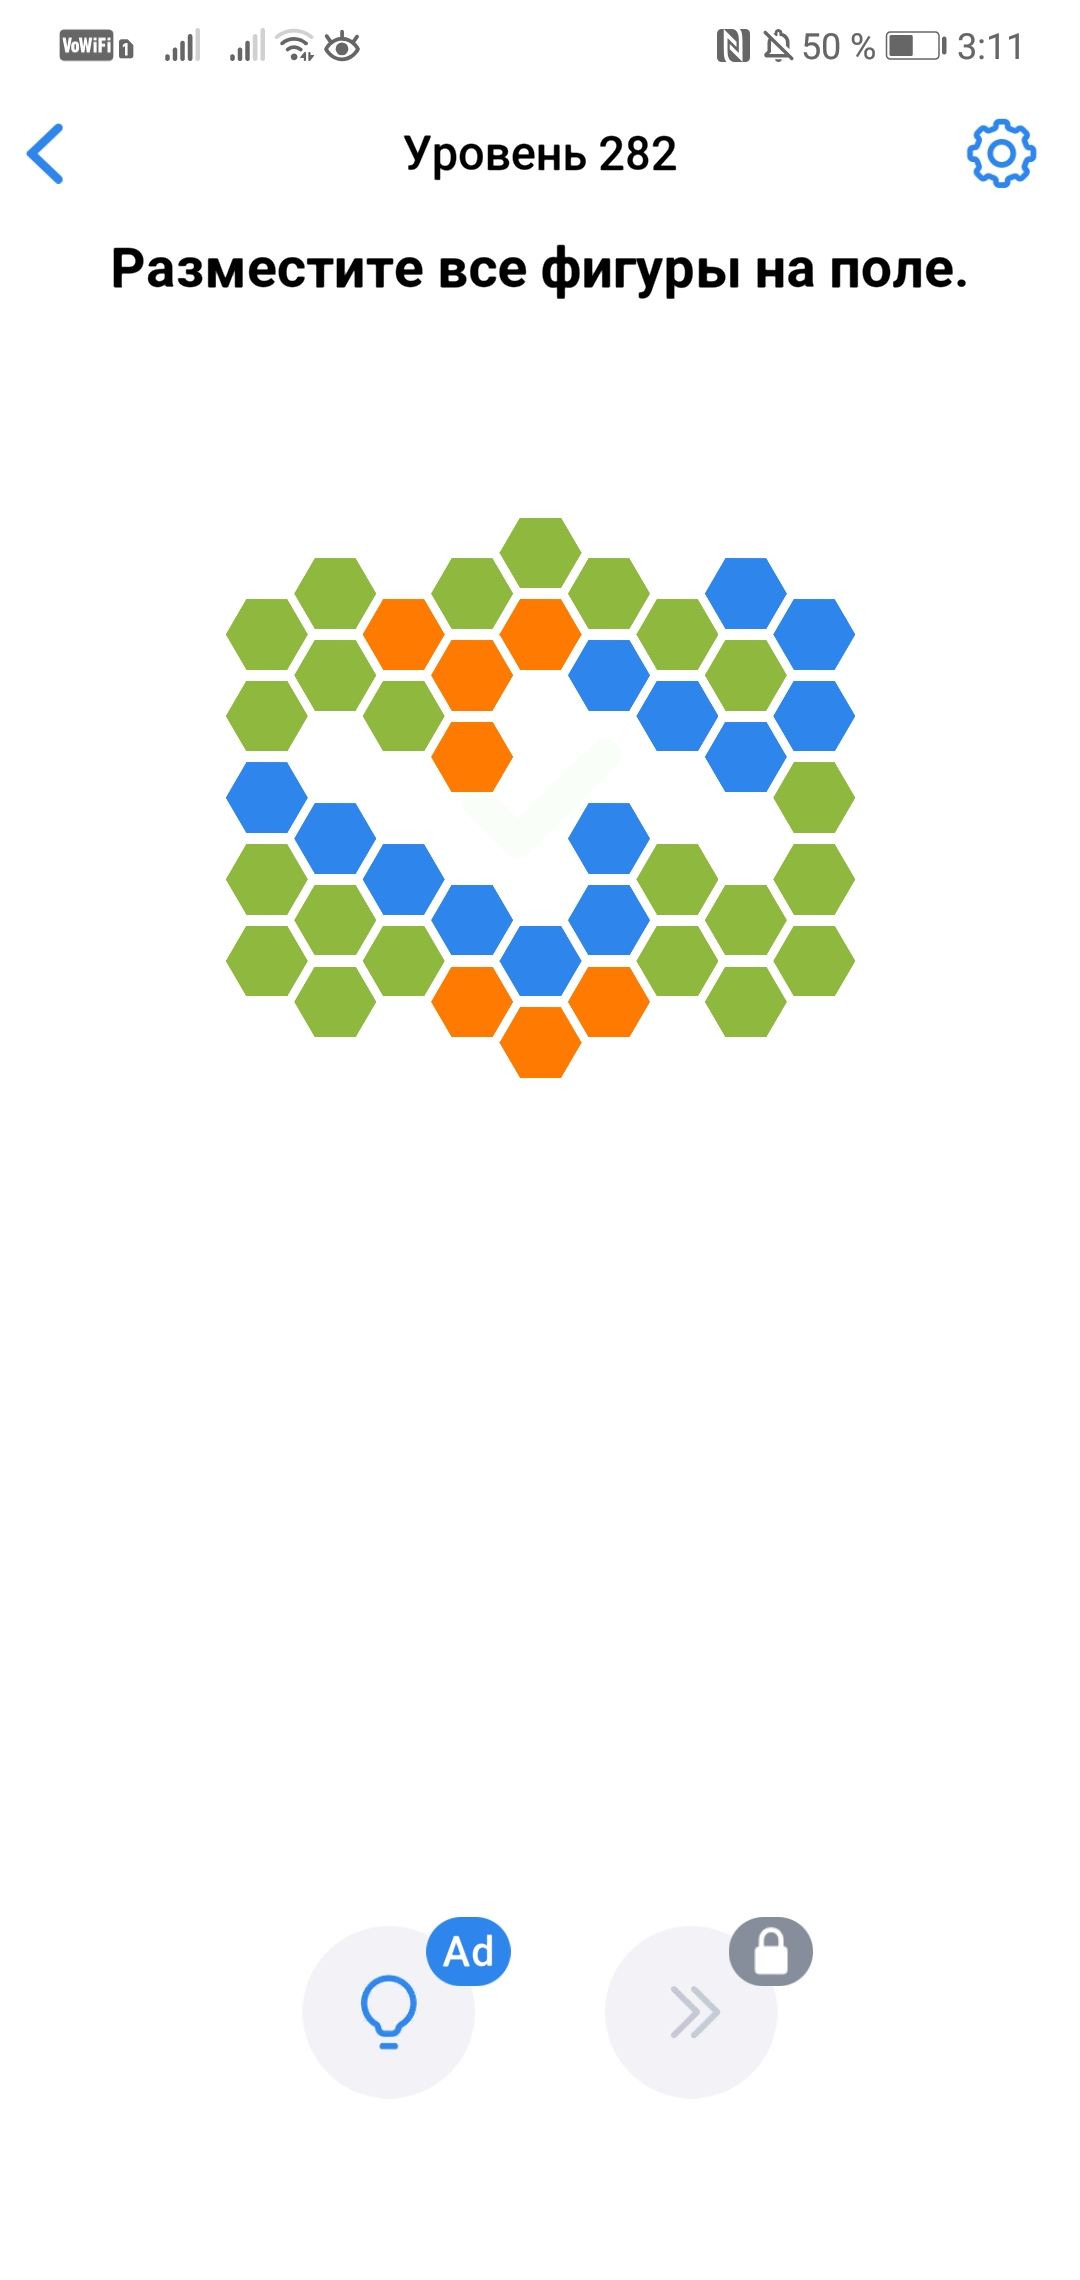 Easy Game - 282 уровень - Разместите все фигуры на поле.